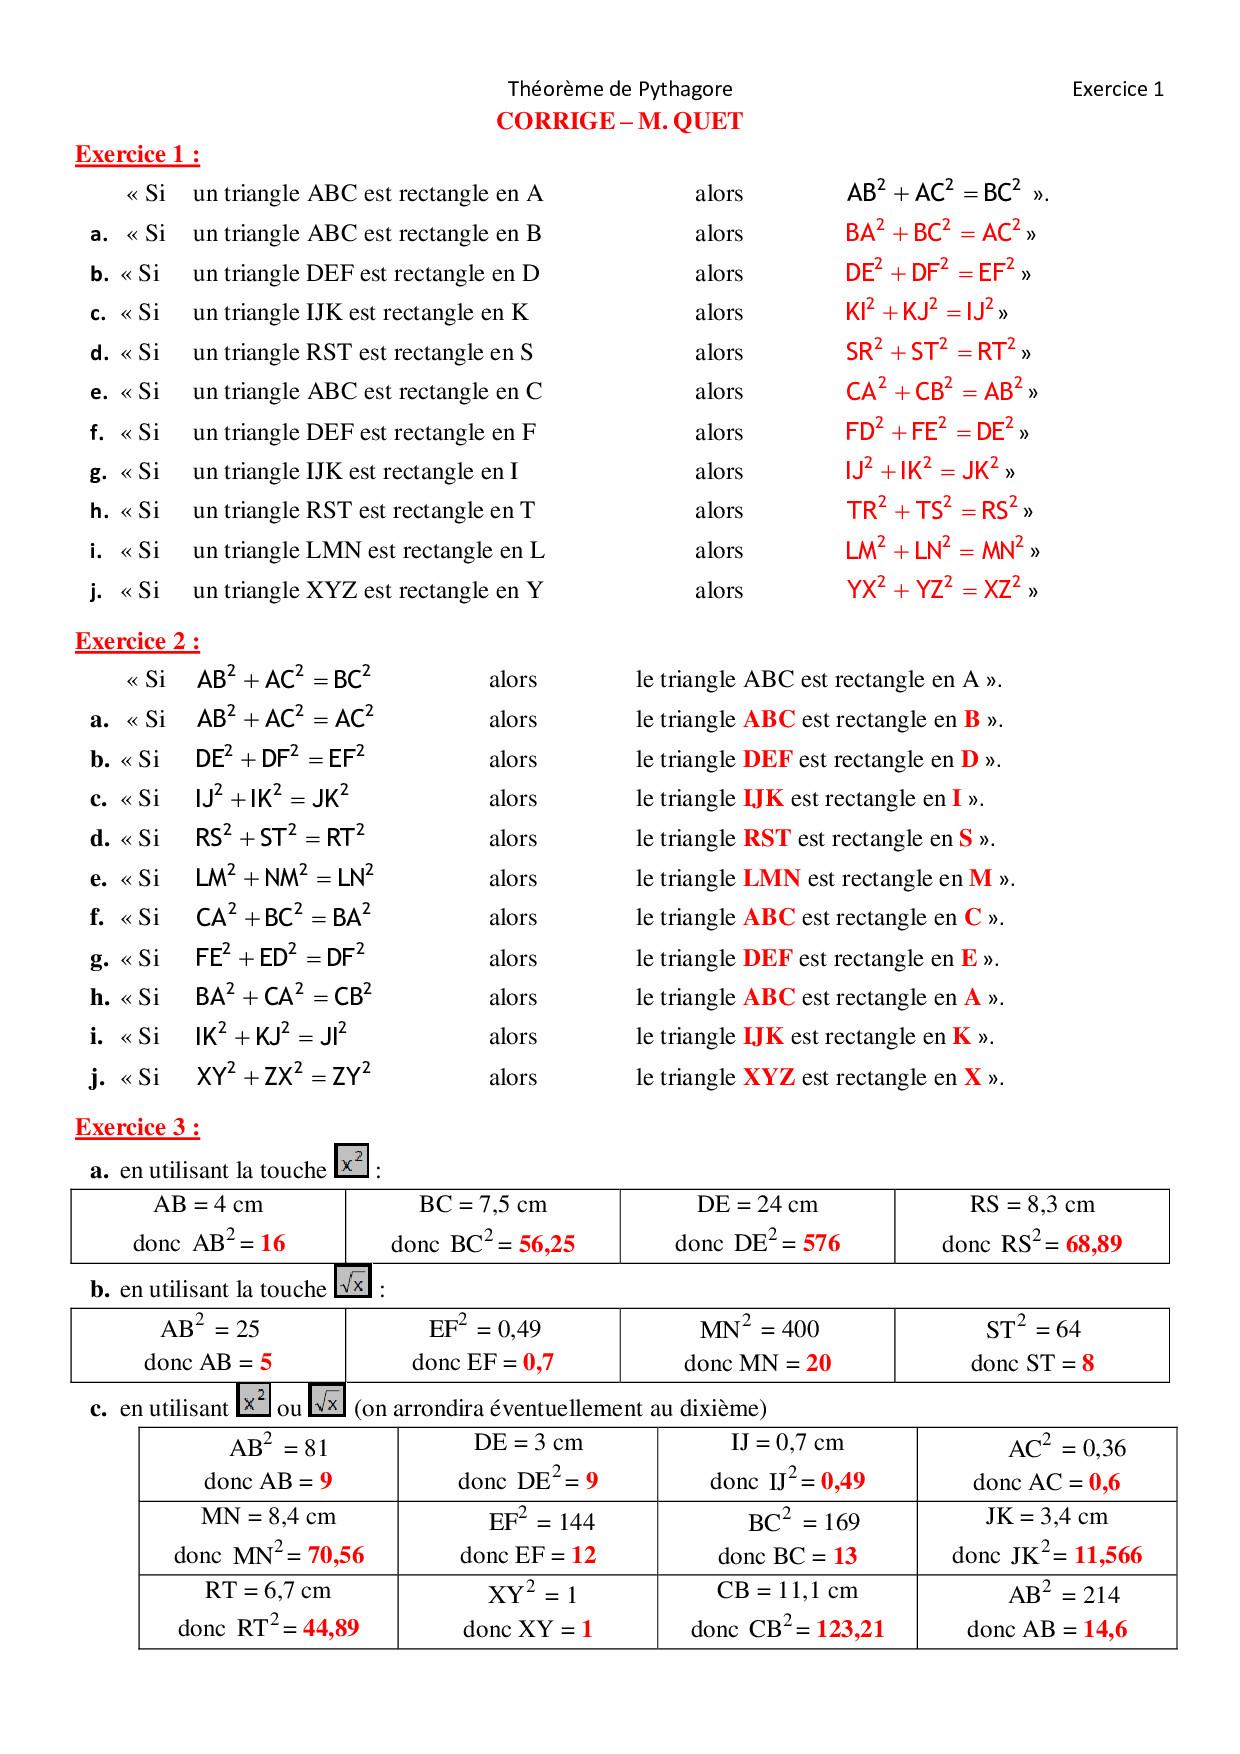 Propriété de Pythagore - Utilisation de la calculatrice ...